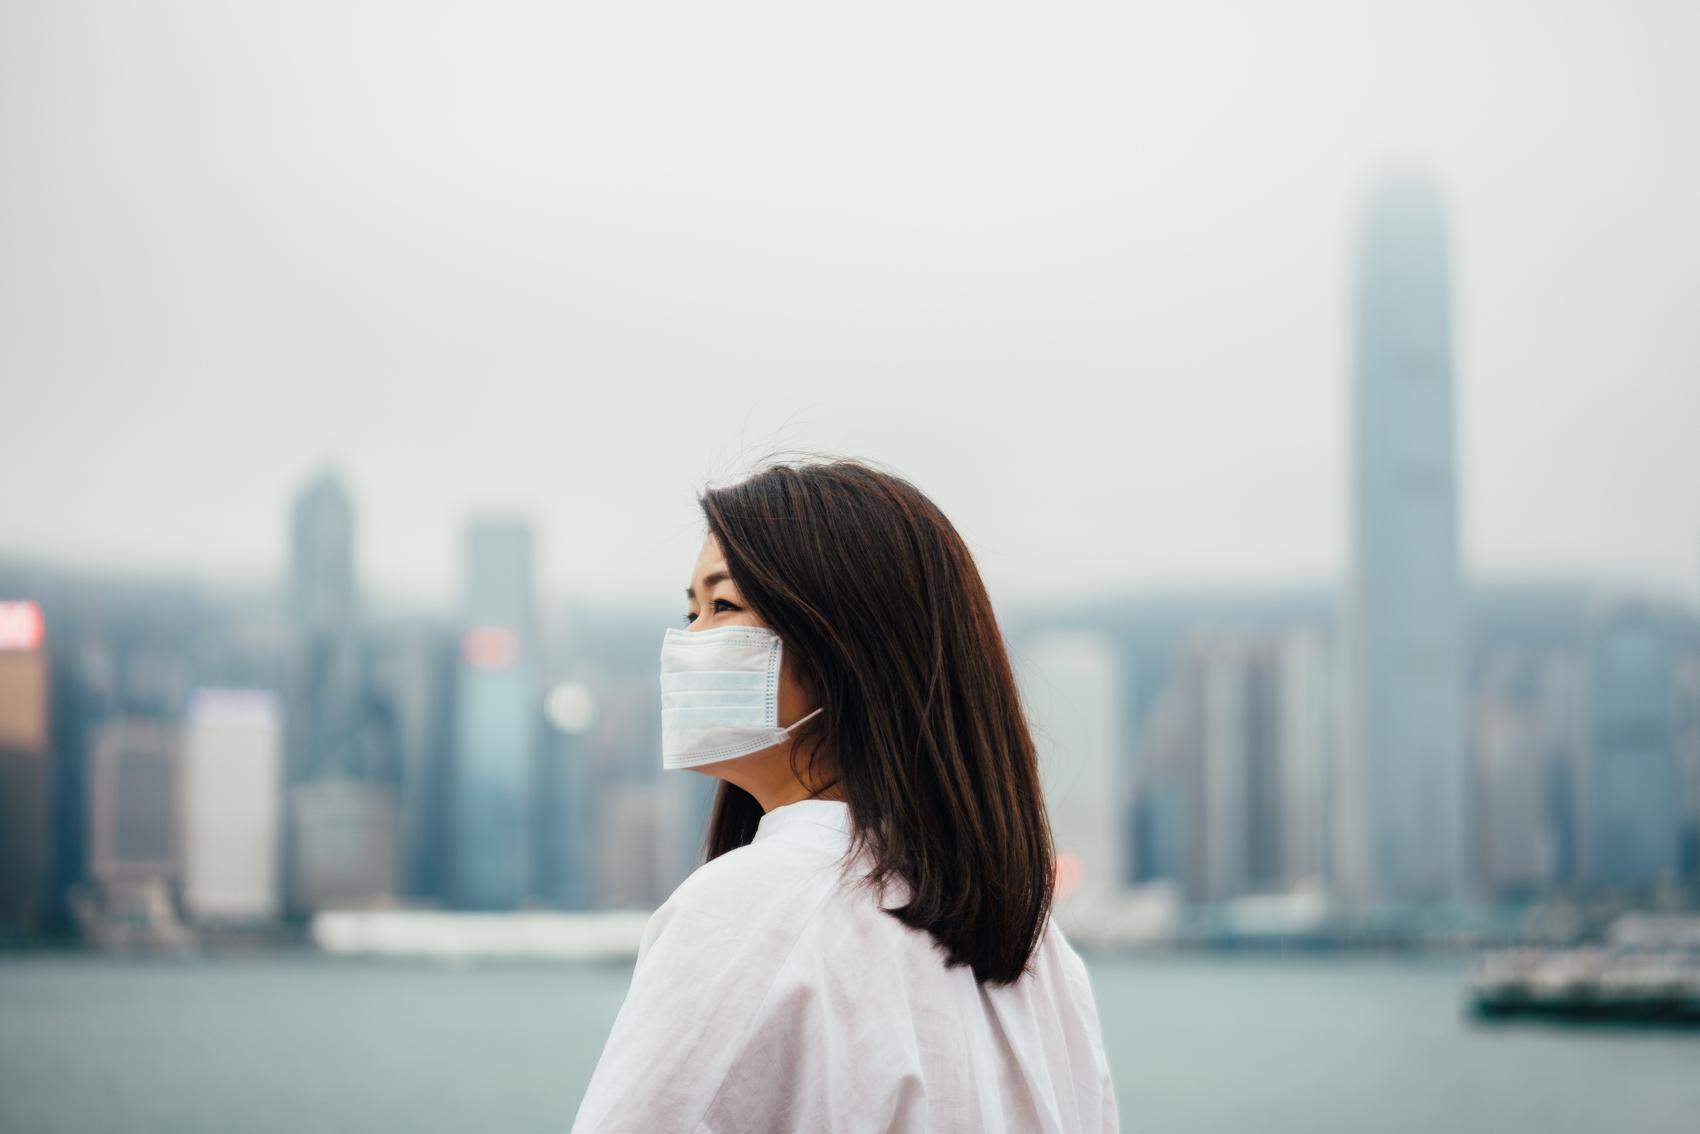 中国肺炎疫情发展趋势和防治全过程